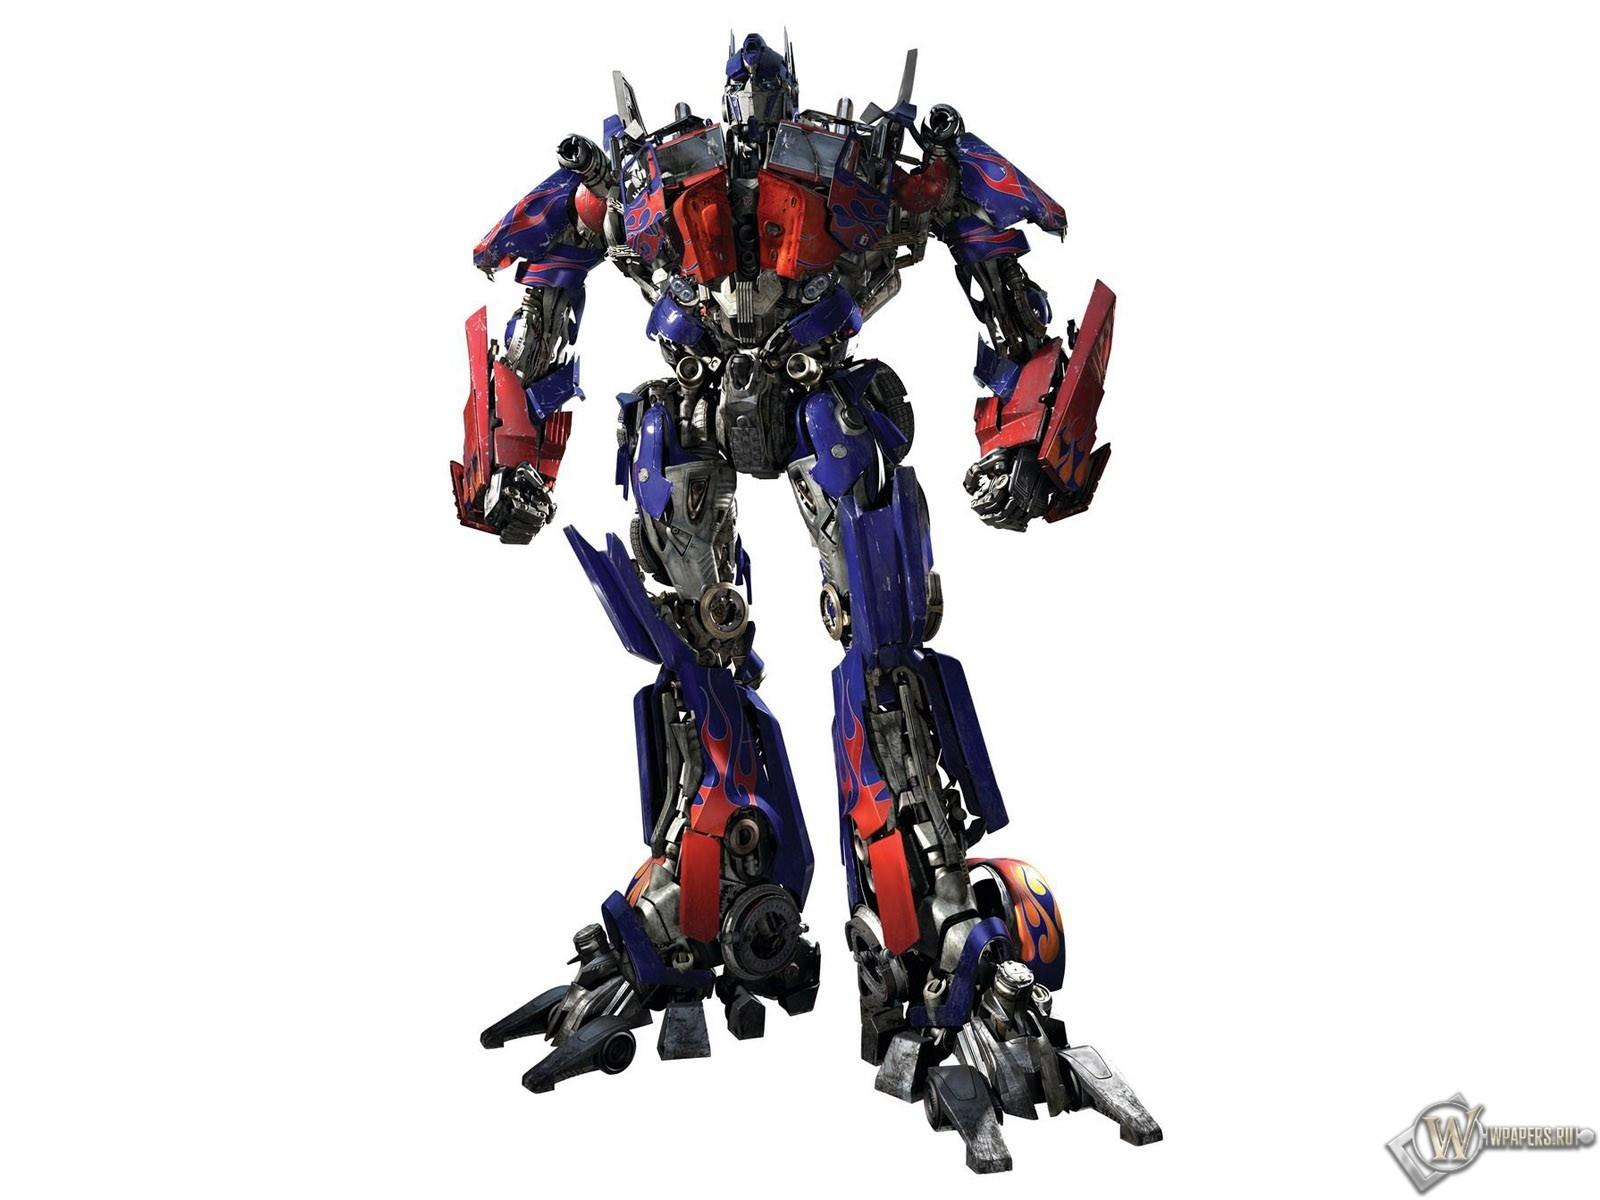 Optimus Prime 1600x1200